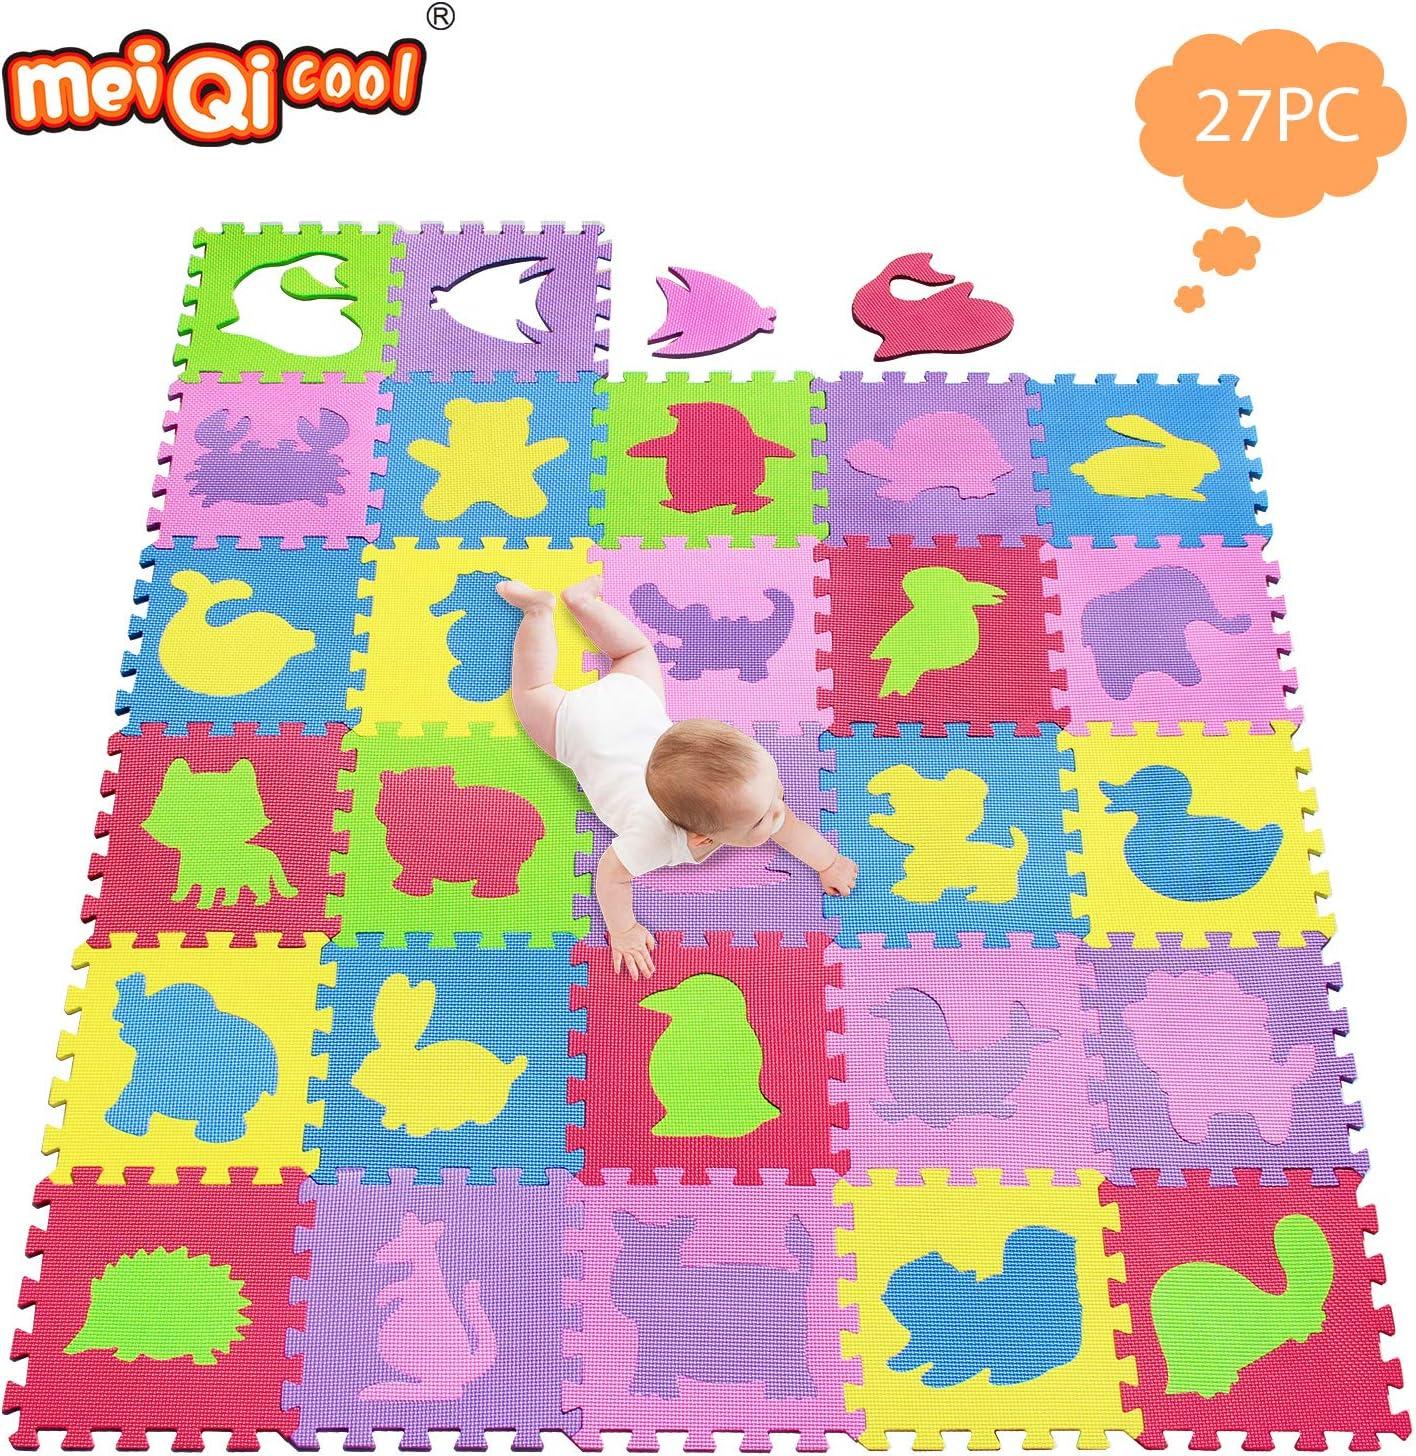 meiqicool Tapis Puzzle Animaux Kids Soft Eva Mousse Multicolore Jigsaw Puzzle Activit/é Jeu dinterverrouillage des Carreaux De Plancher par 142 x 114cm 5354